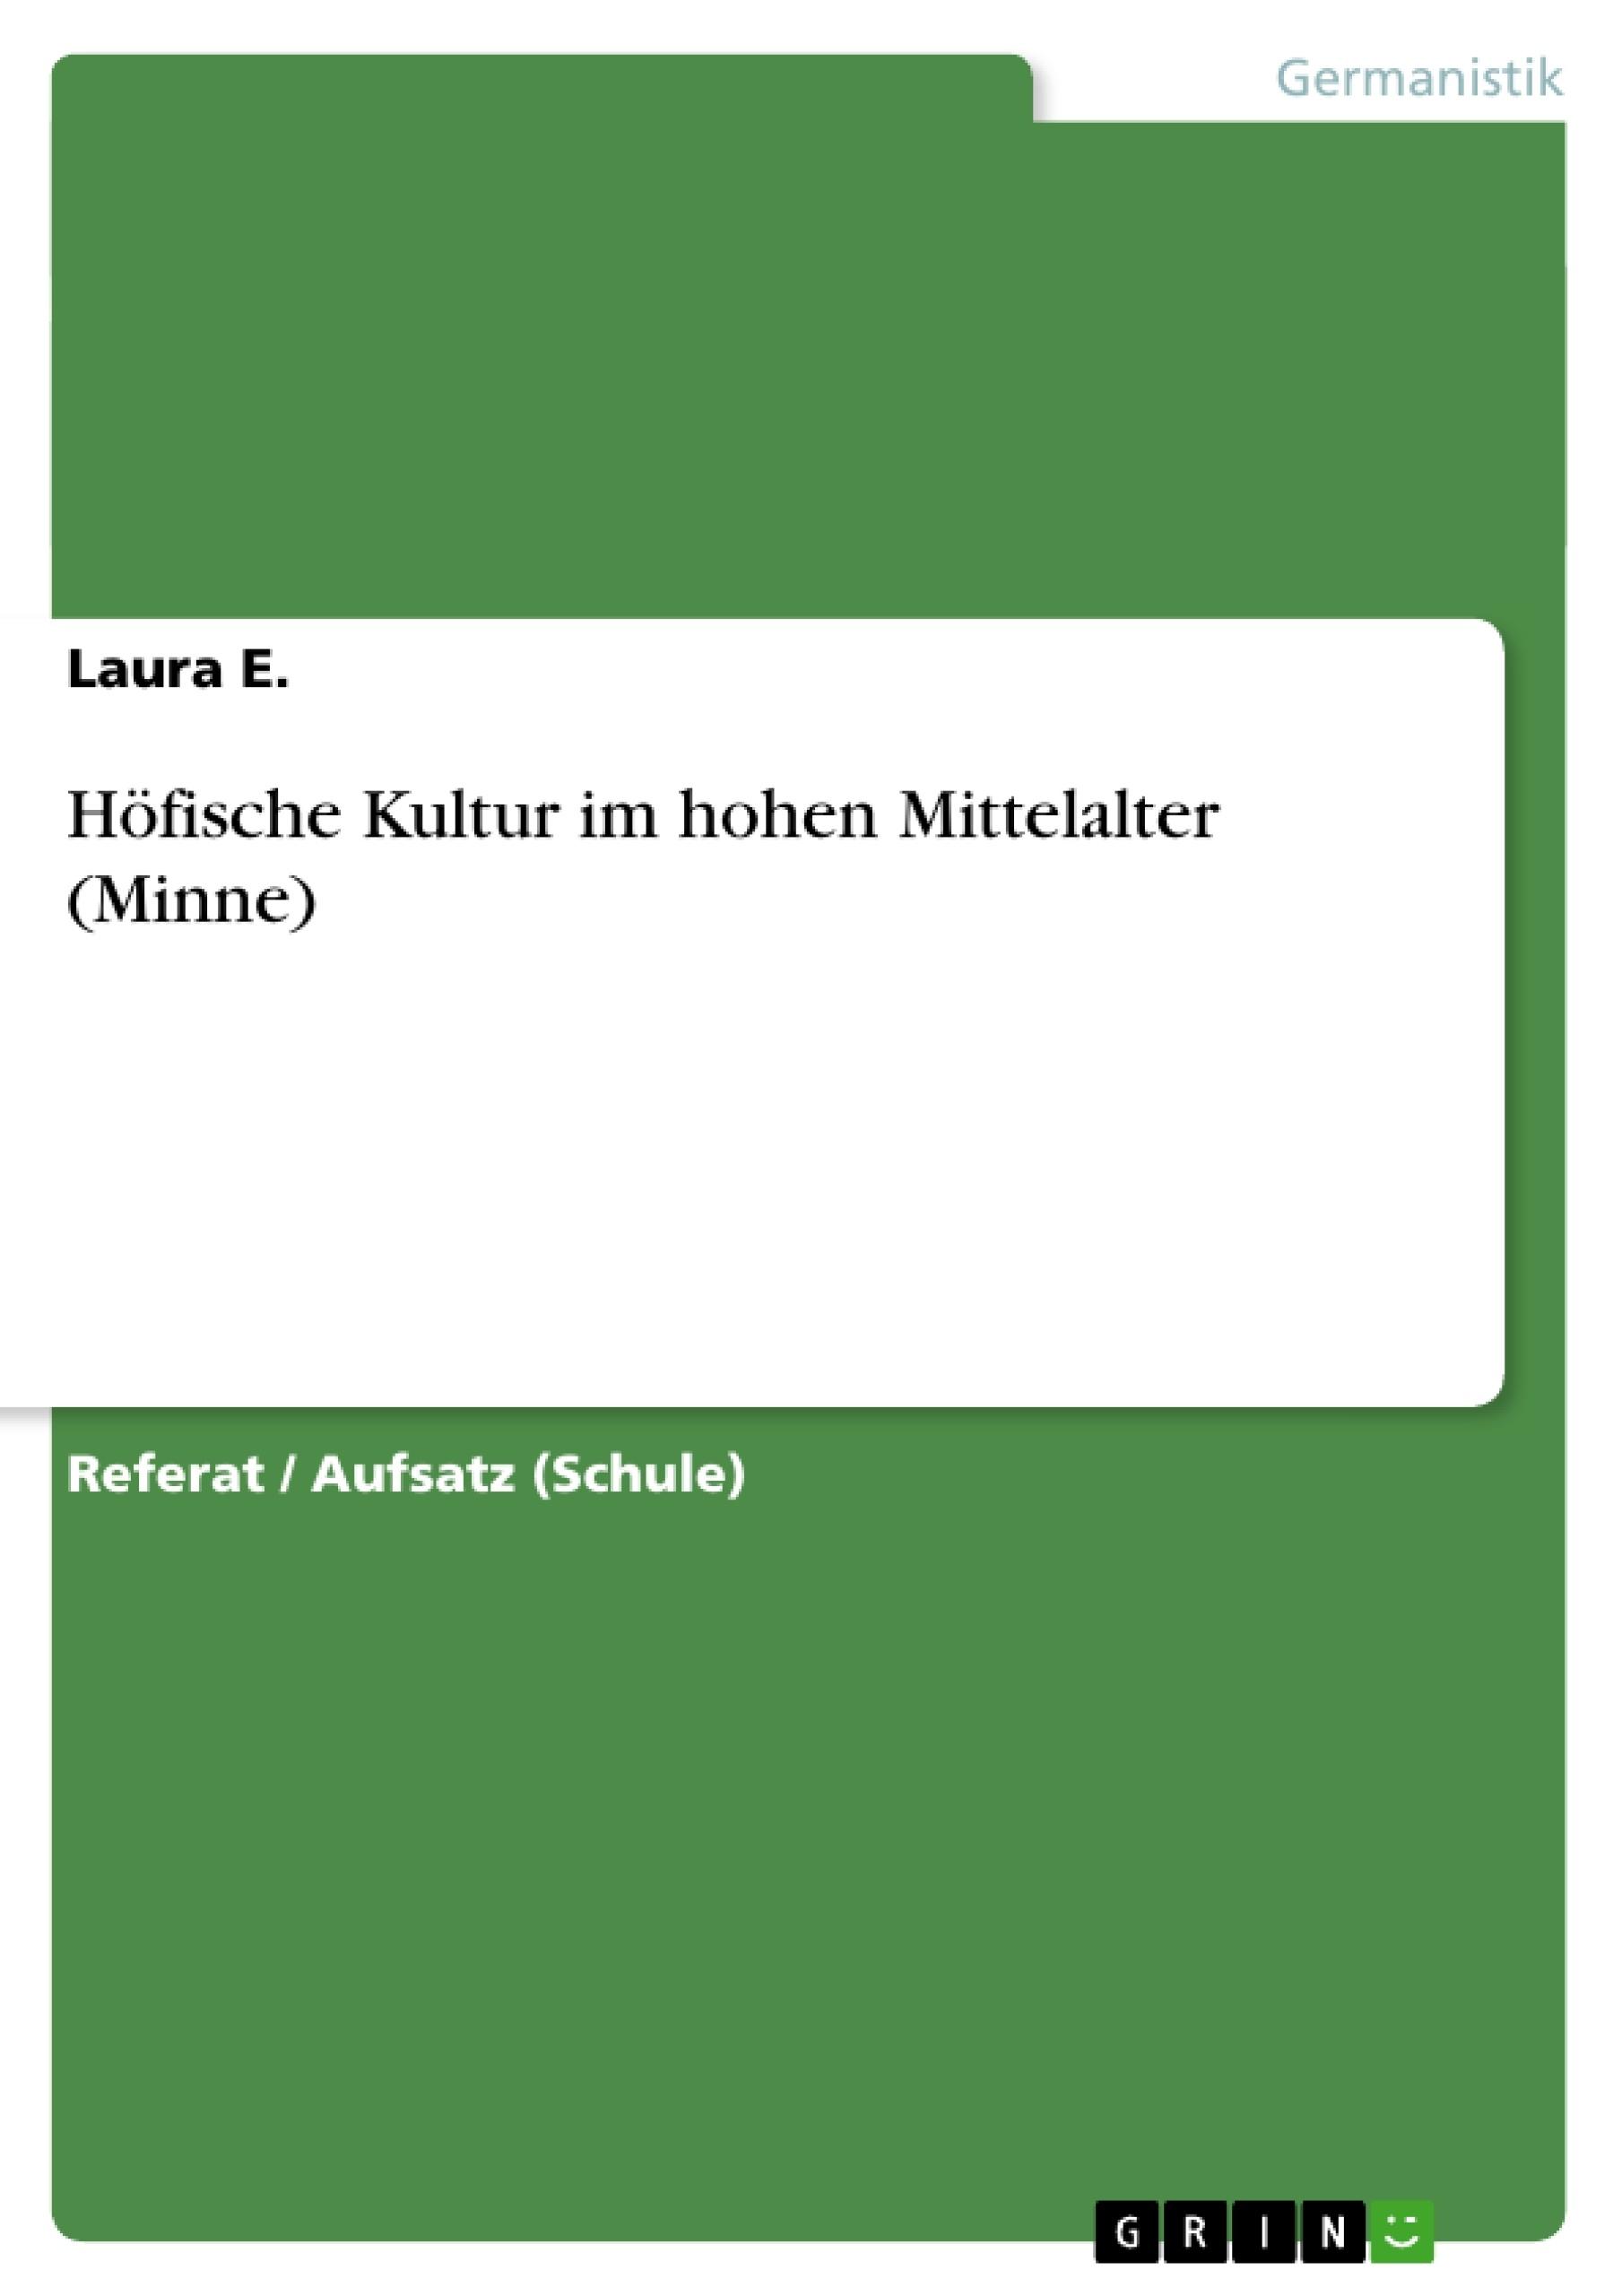 Titel: Höfische Kultur im hohen Mittelalter (Minne)